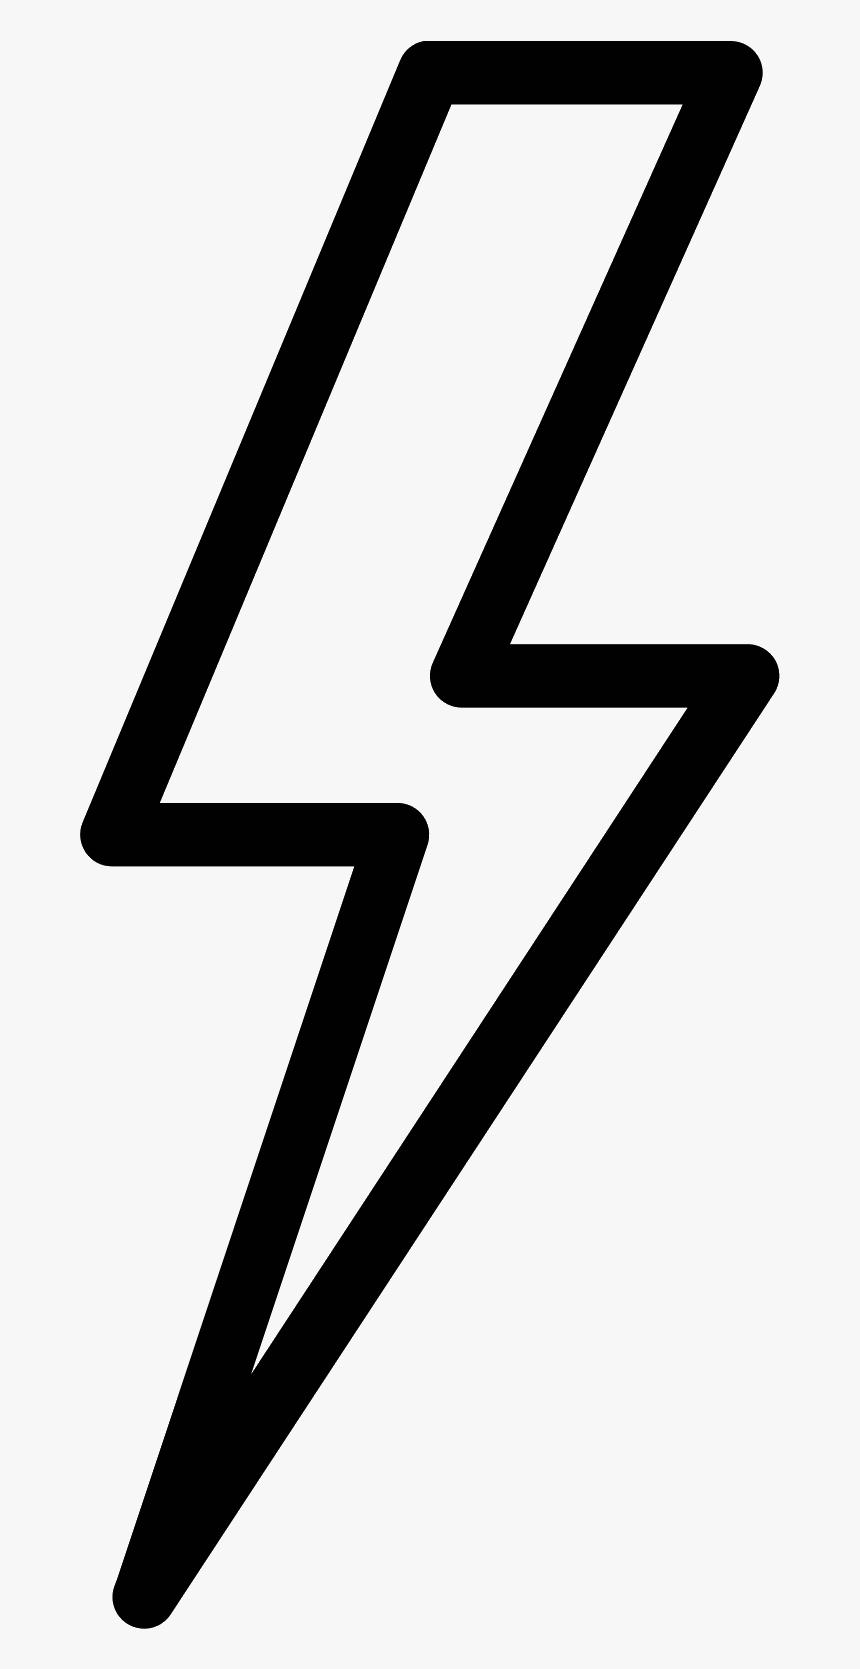 Lightning Bolt Png Transparent Background Lightning Bolt Icon Png Download Transparent Png Image Pngitem